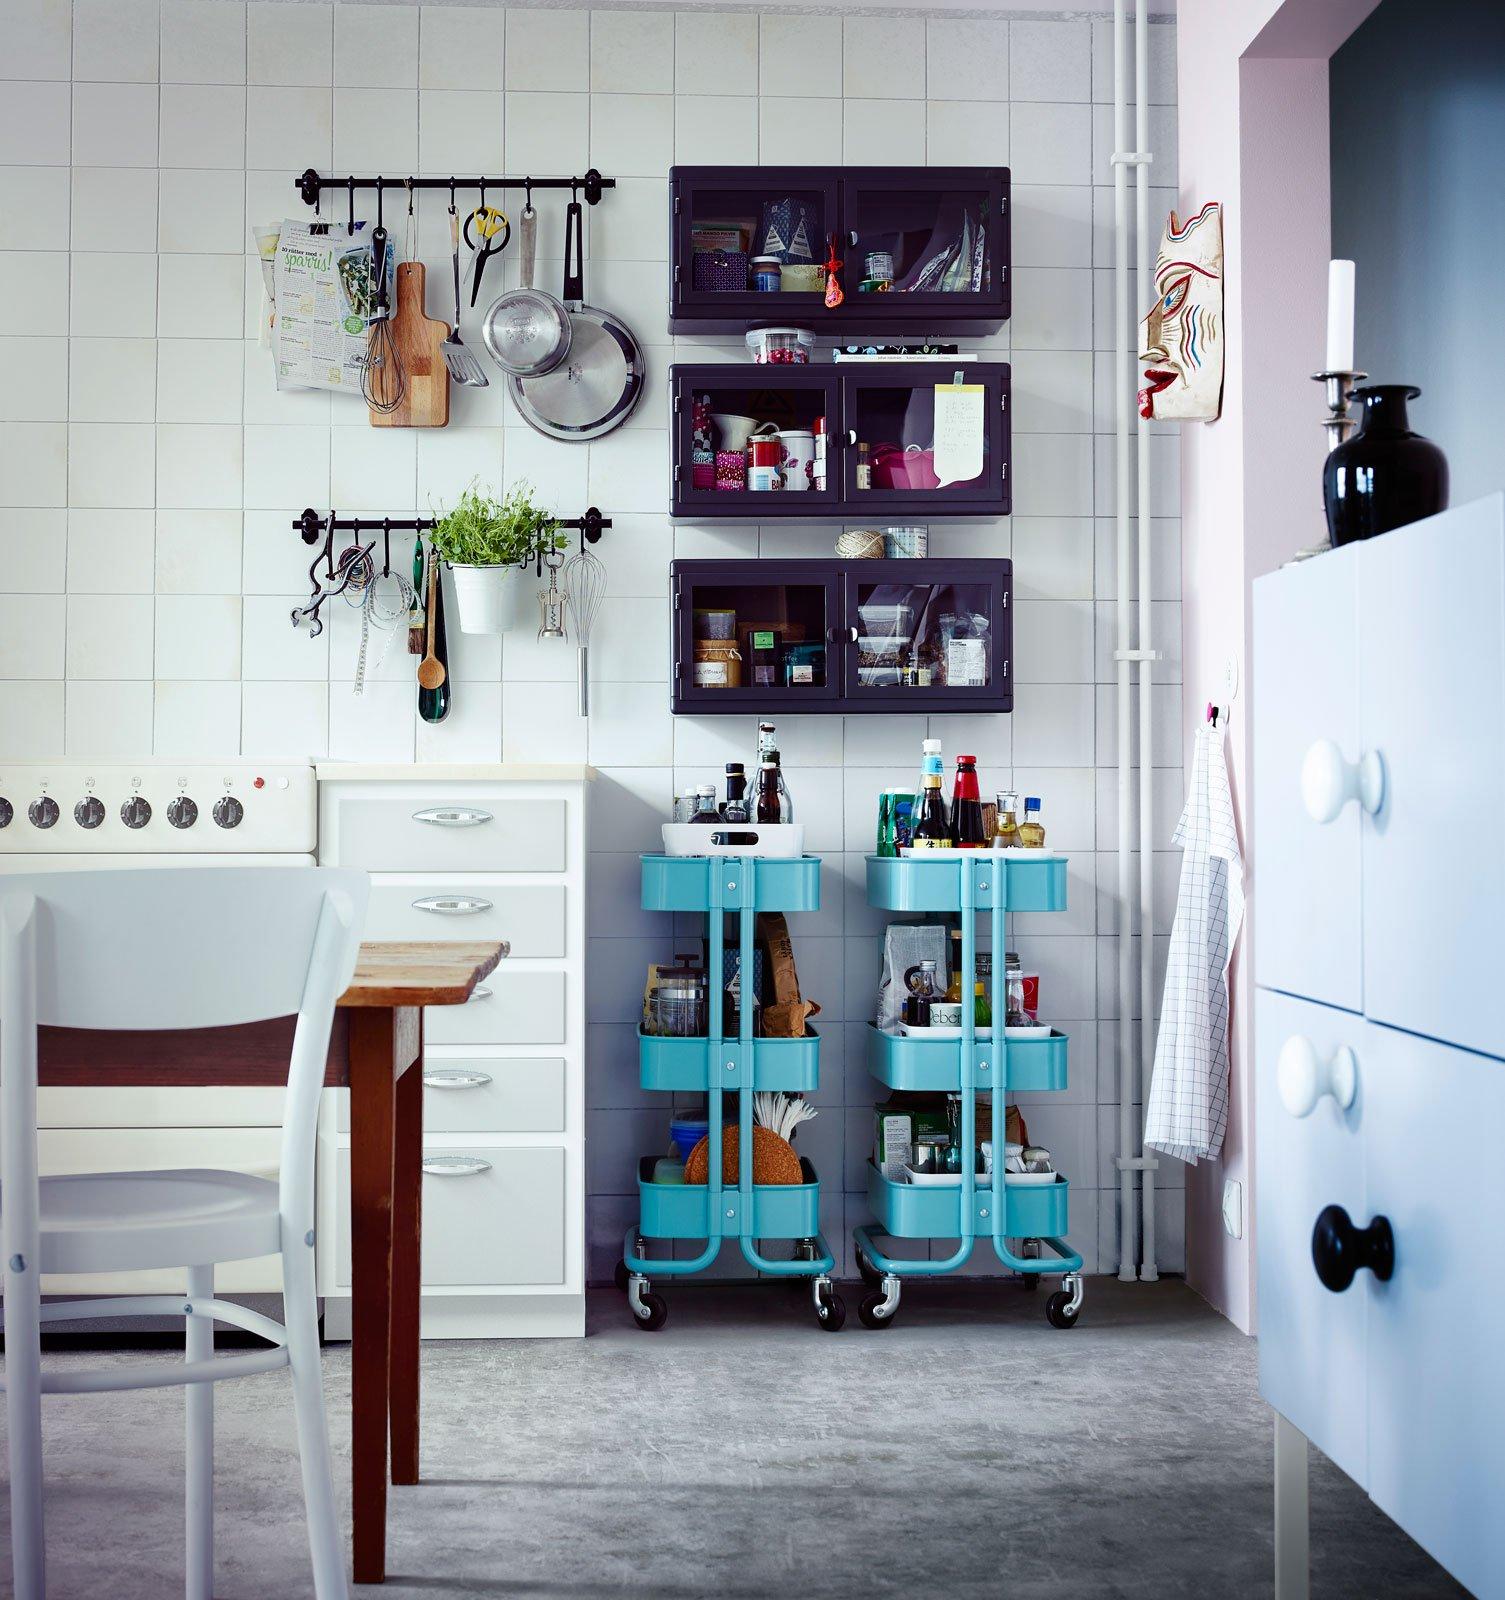 Carrelli per la casa jolly imperdibili anche salvaspazio cose di casa - Carrelli per cucina ikea ...